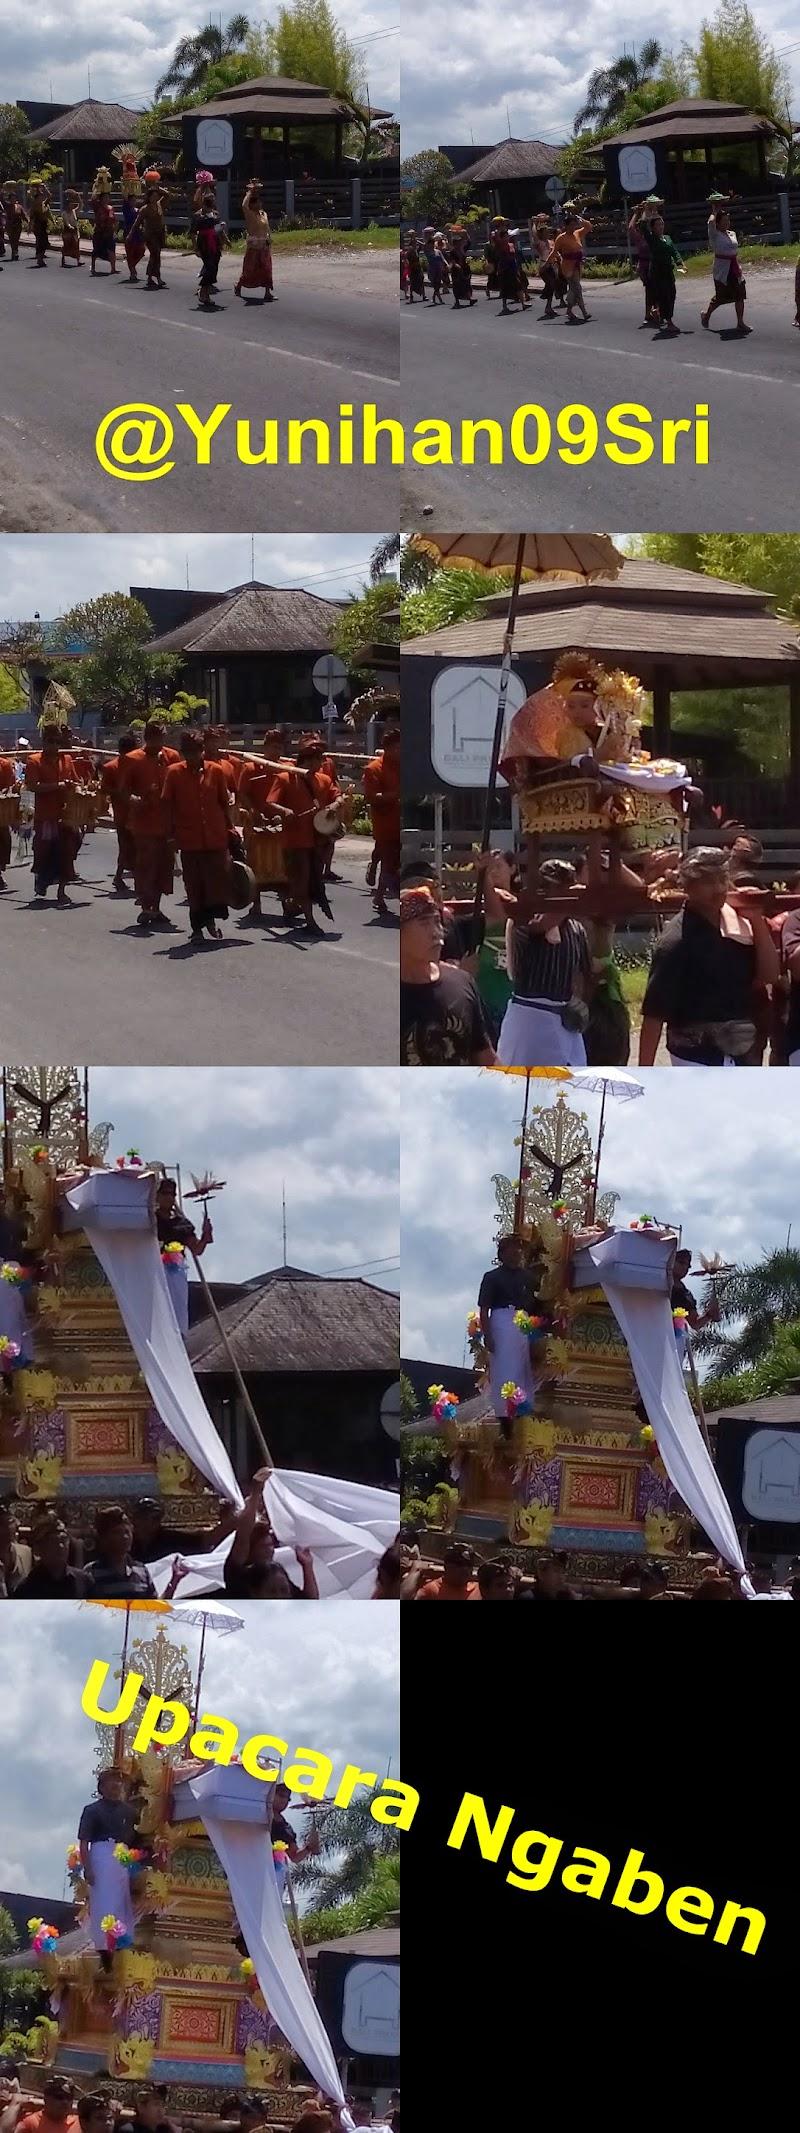 Ngaben, Salah Satu Kekayaan Budaya di Bali